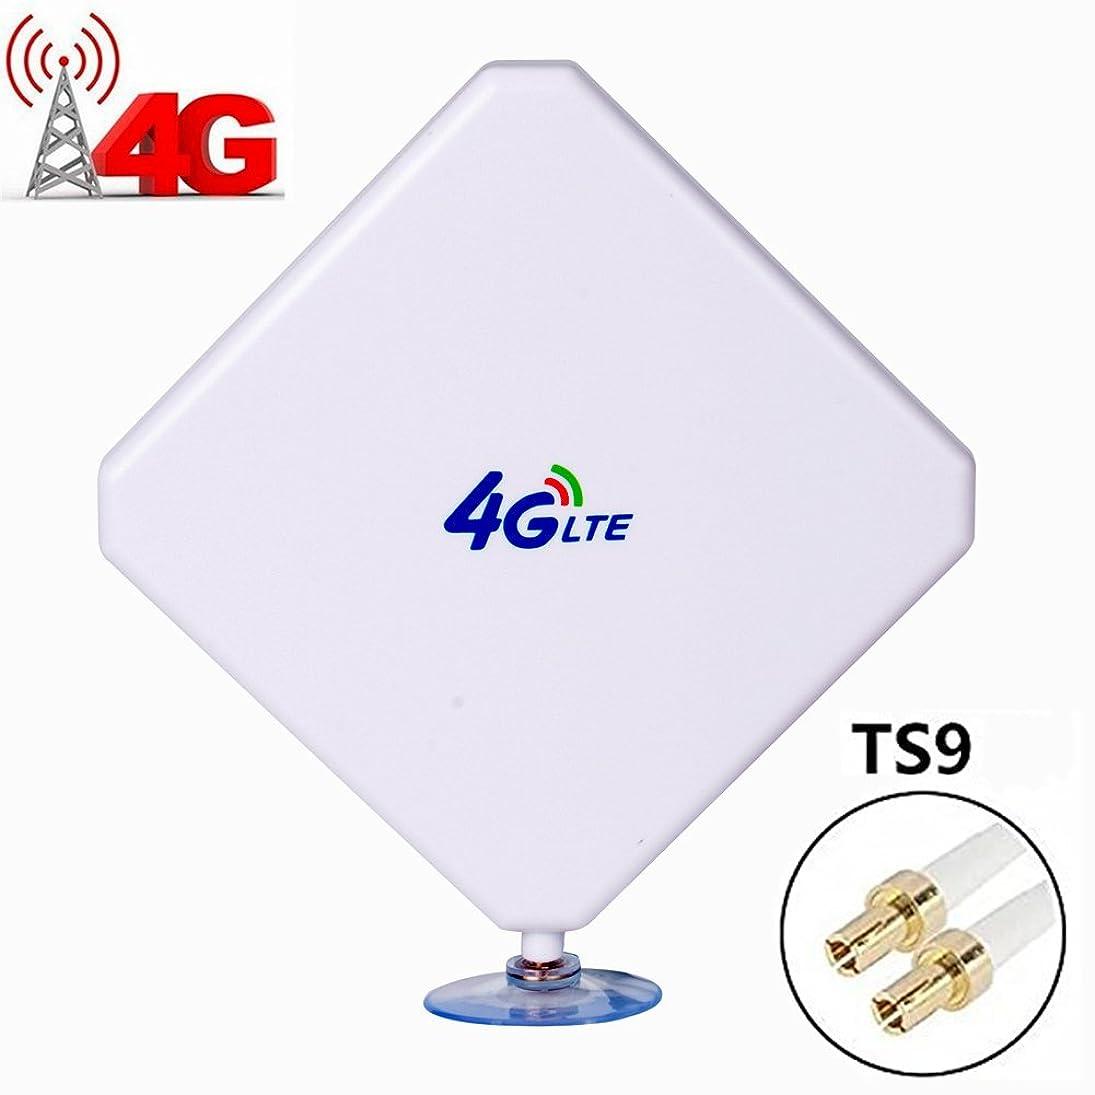 シーフード強盗スカリーH-ber 無線LANルータ、モバイルブロードバンドのためのTS9高利得35dBi3Gの4G LTEのアンテナデュアルMIMOネットワークイーサネット屋外ANTENNE信号受信ブースターアンプ